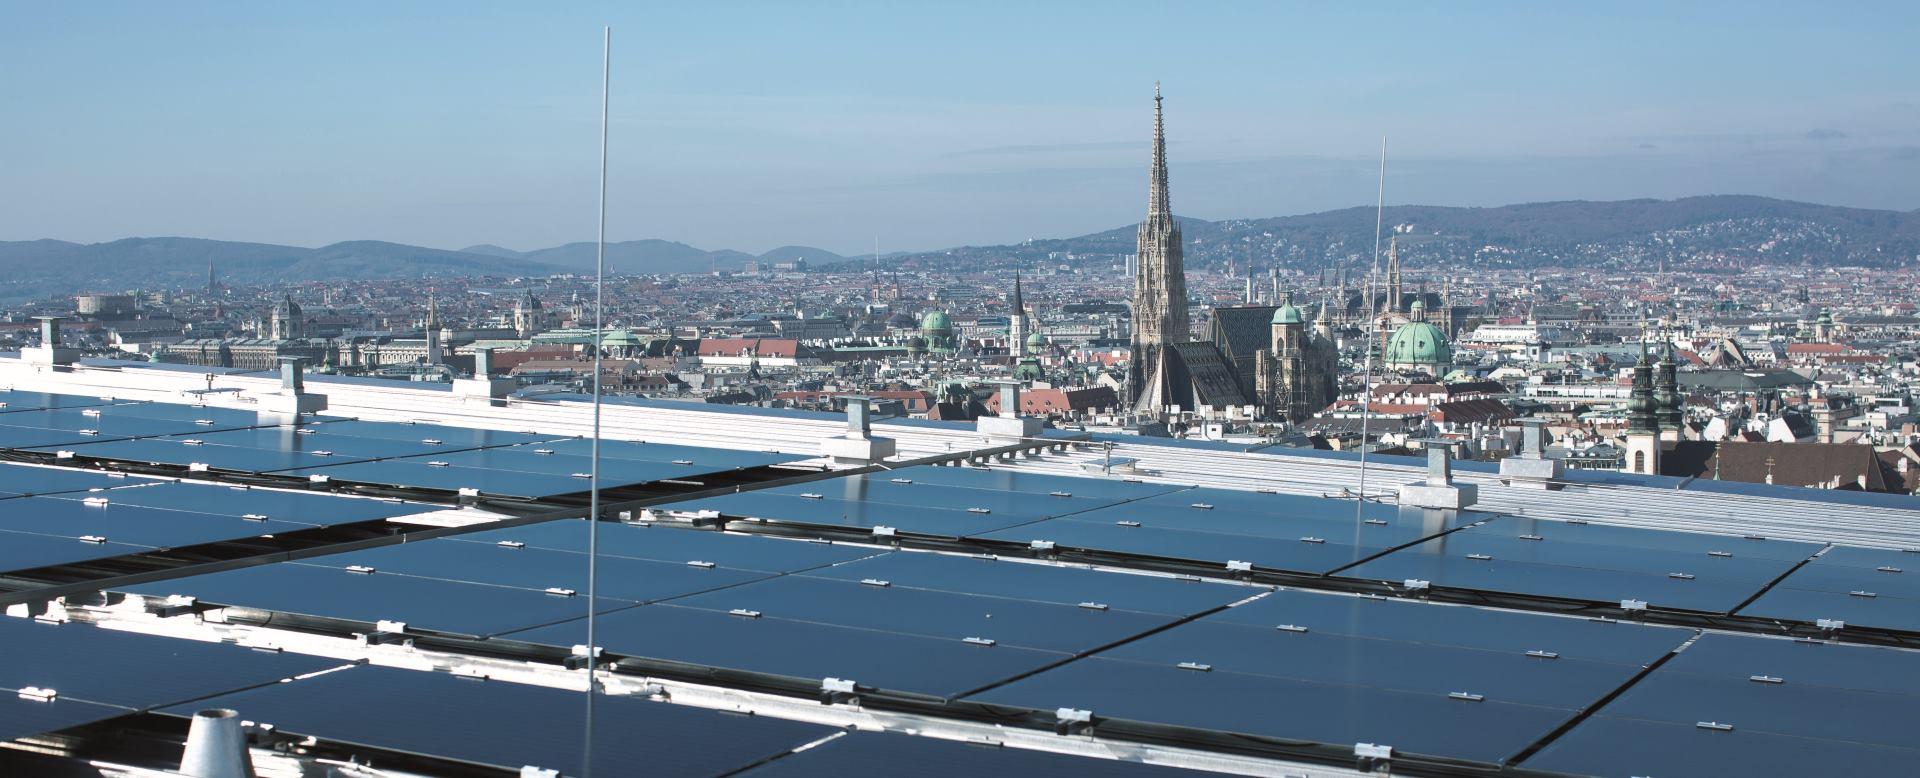 Građani Beča vlasnici su 26 solarnih i 4 vjetroelektrane